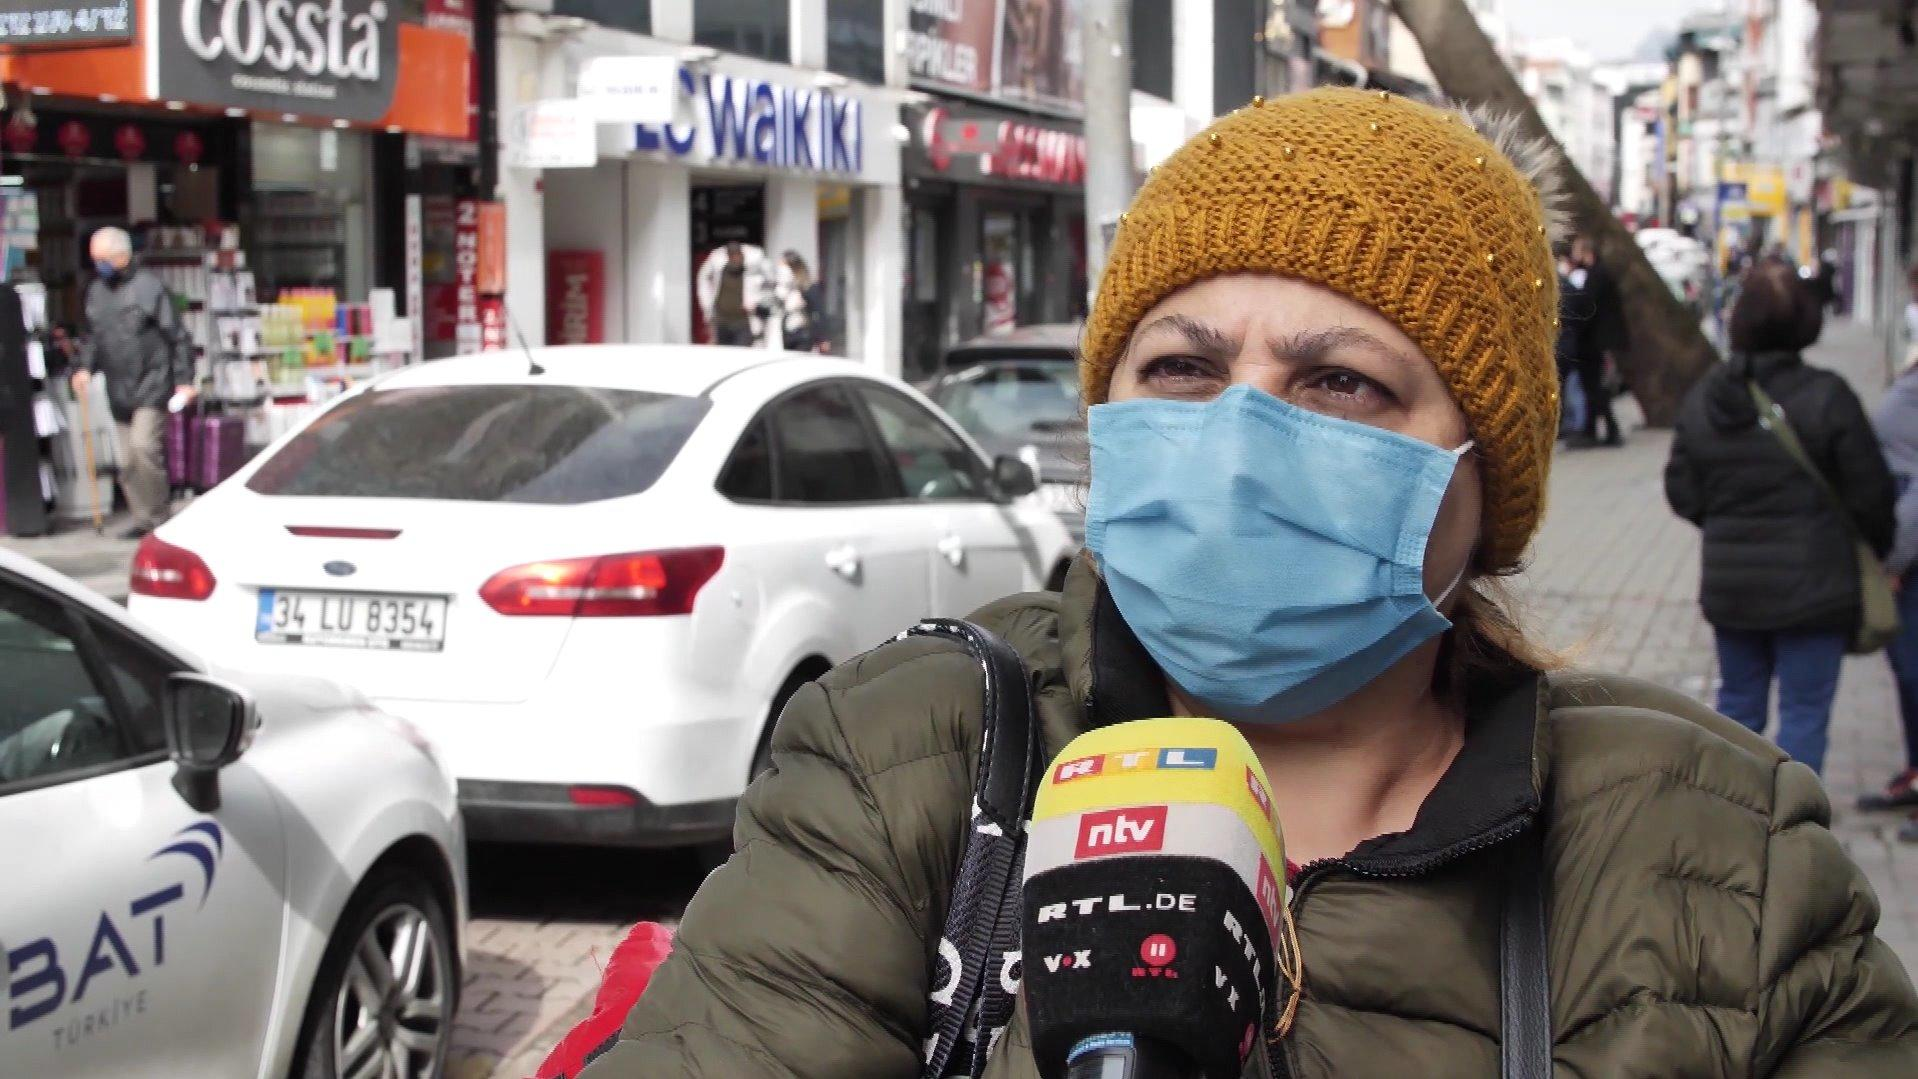 Türkei tritt aus Istanbul-Konvention aus: Sind Frauen